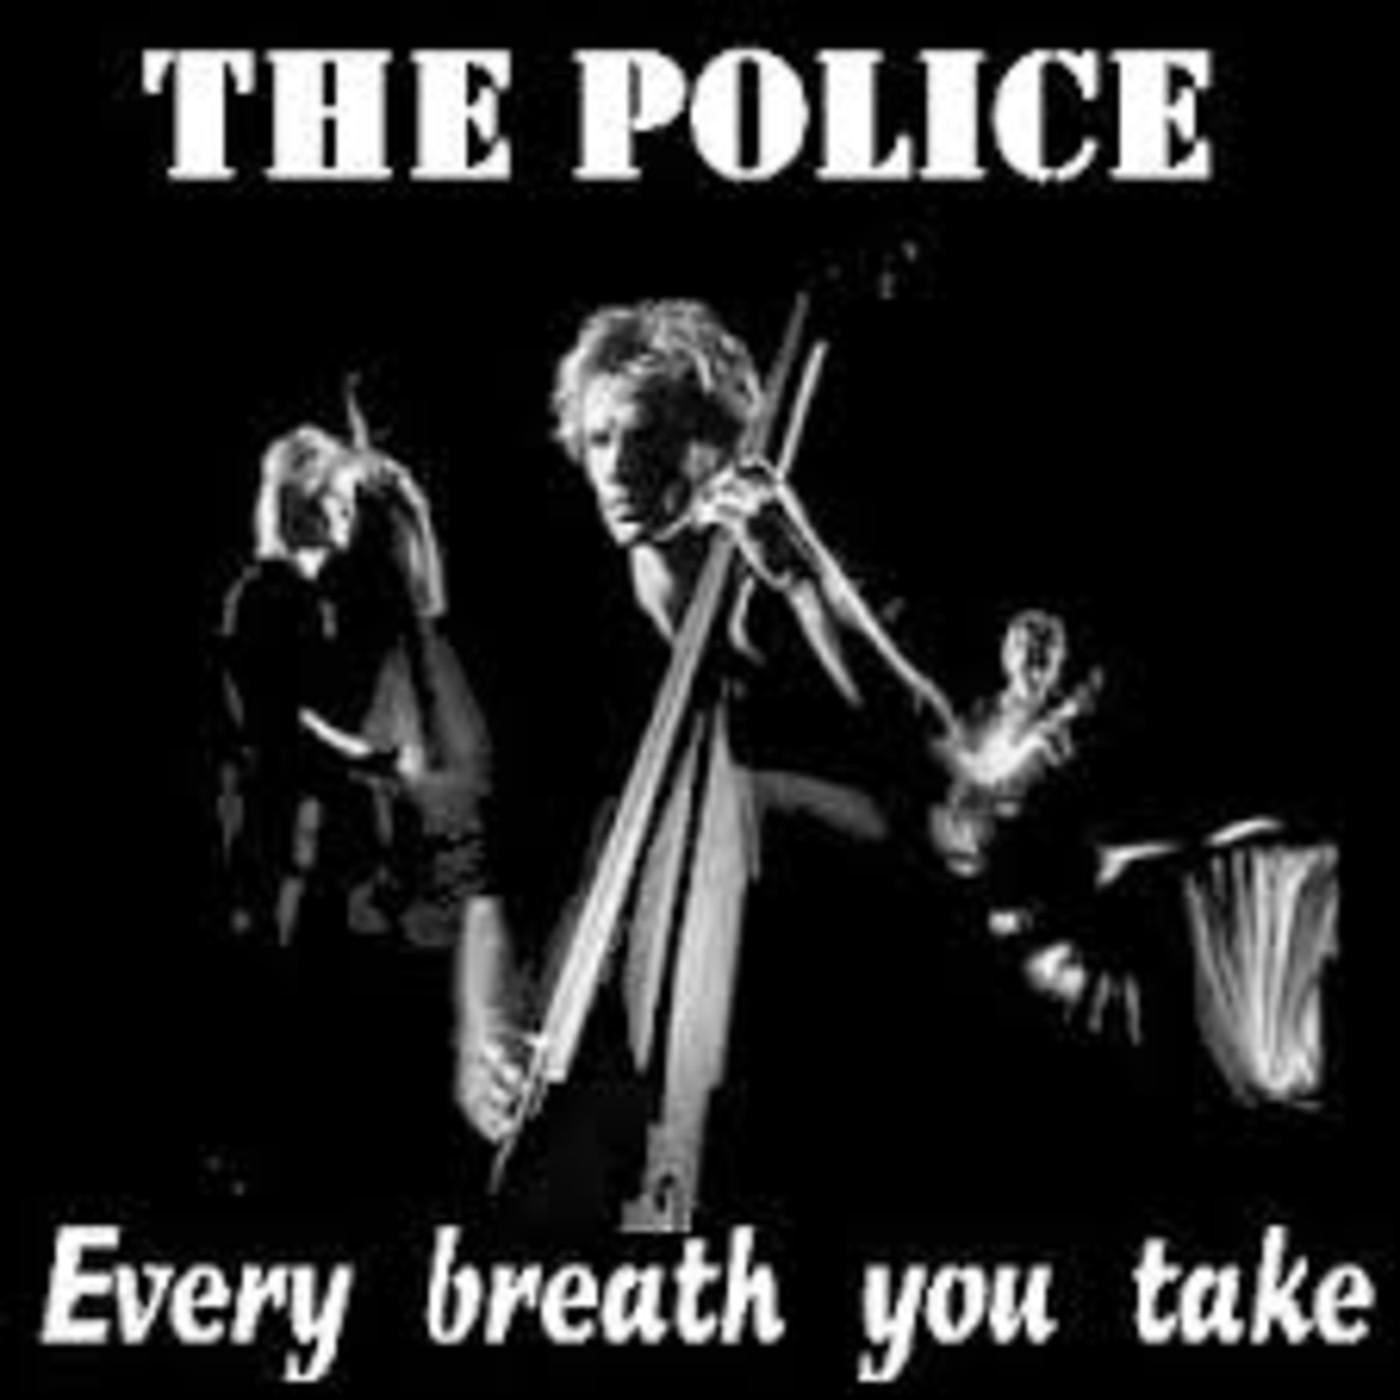 EN VERSION ORIGINAL - Every Breath you take- The Police en ...